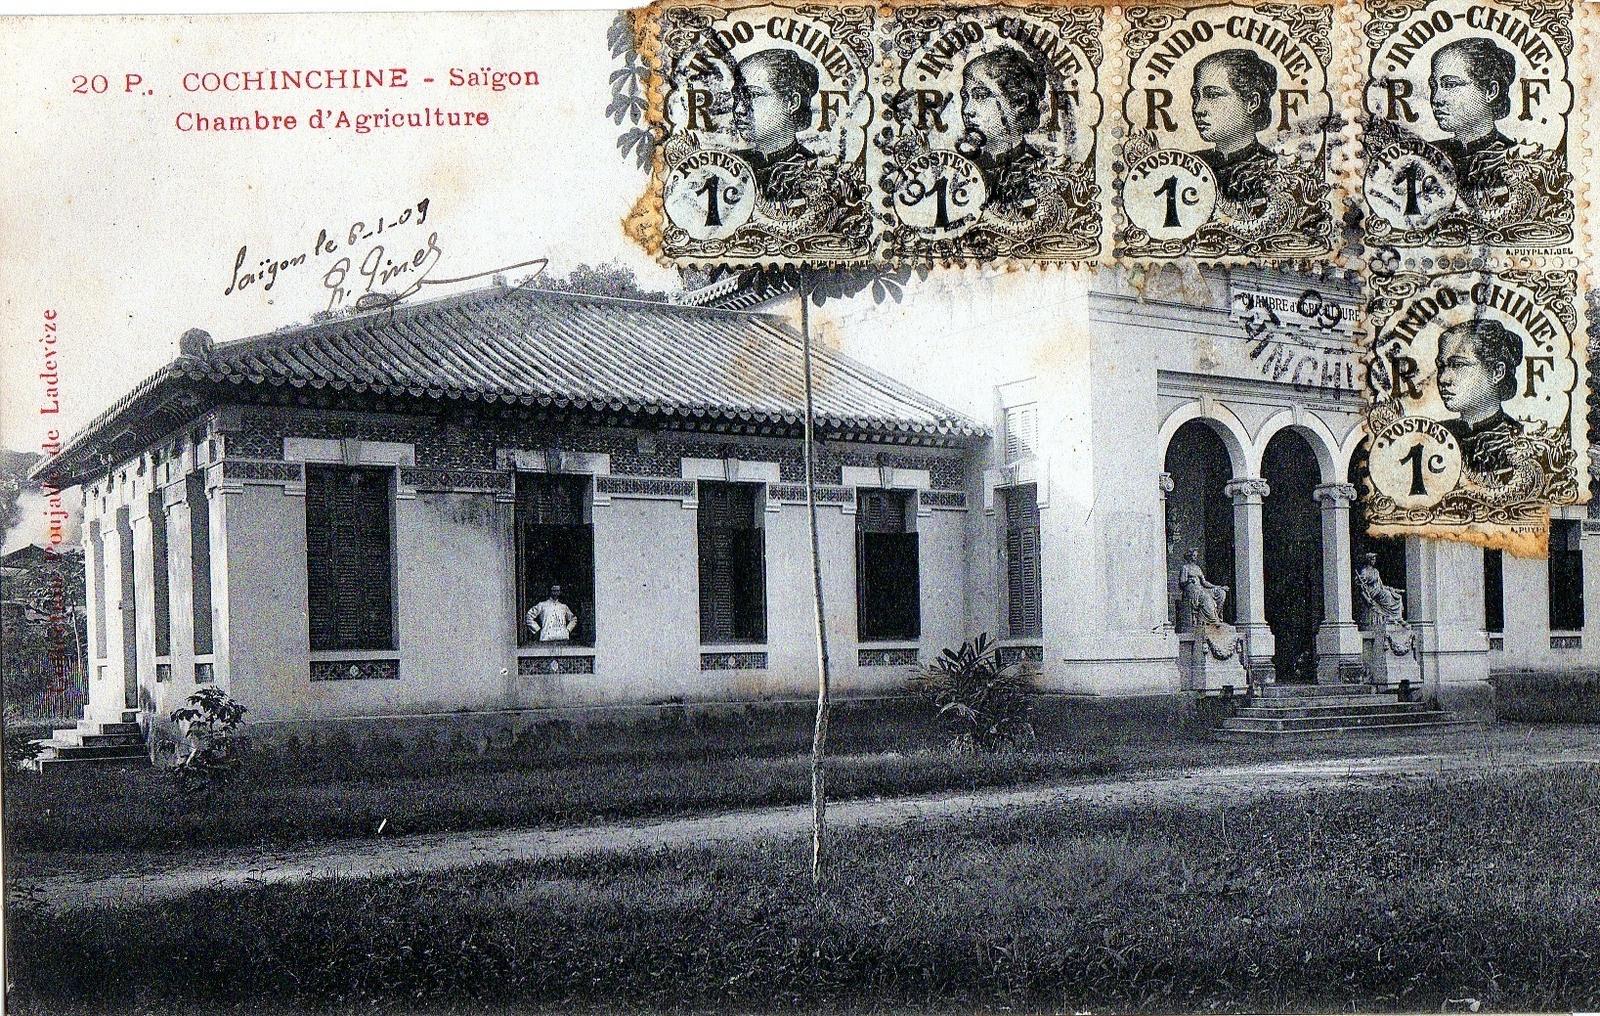 Hô-Chi-Minh-Ville -  Hô-Chi-Minh-Ville anciennement Saïgon en Cochinchine Chambre d'Agriculture